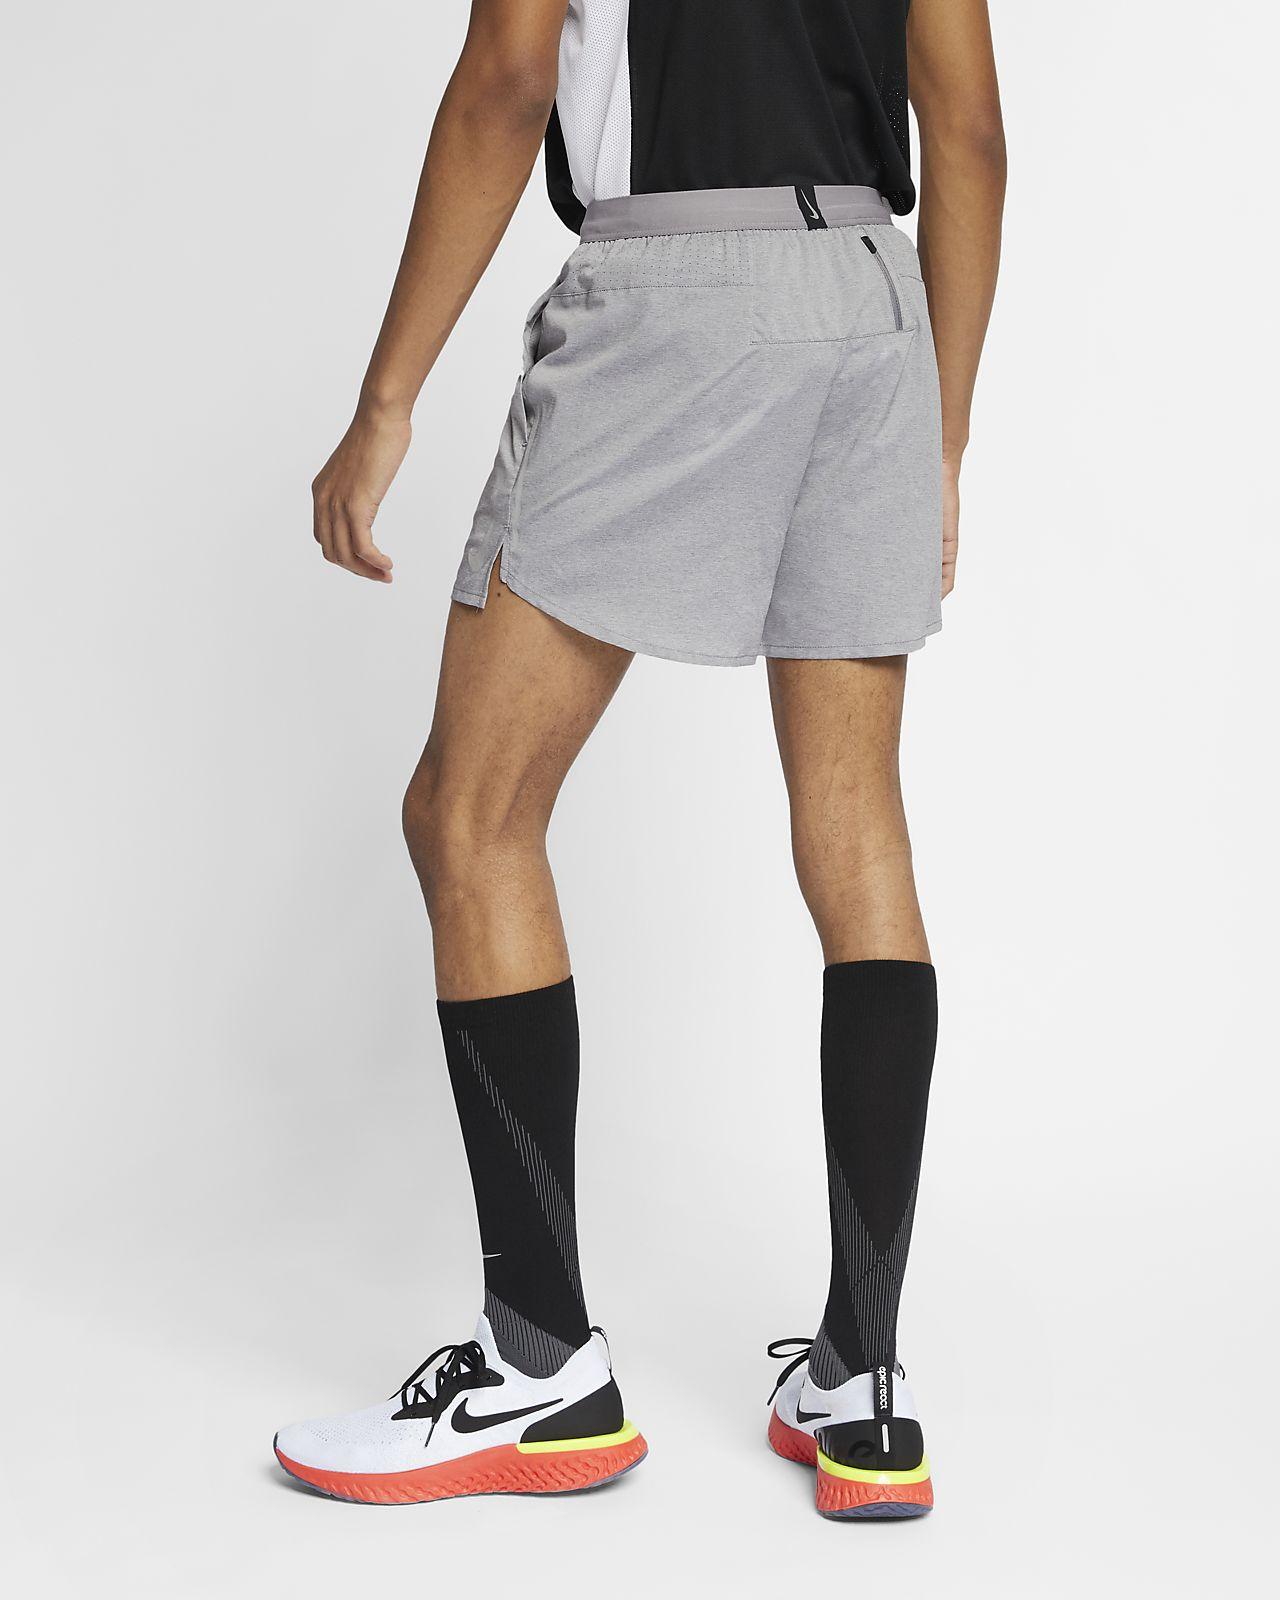 Calções de running de 13cm Nike Flex Stride para homem